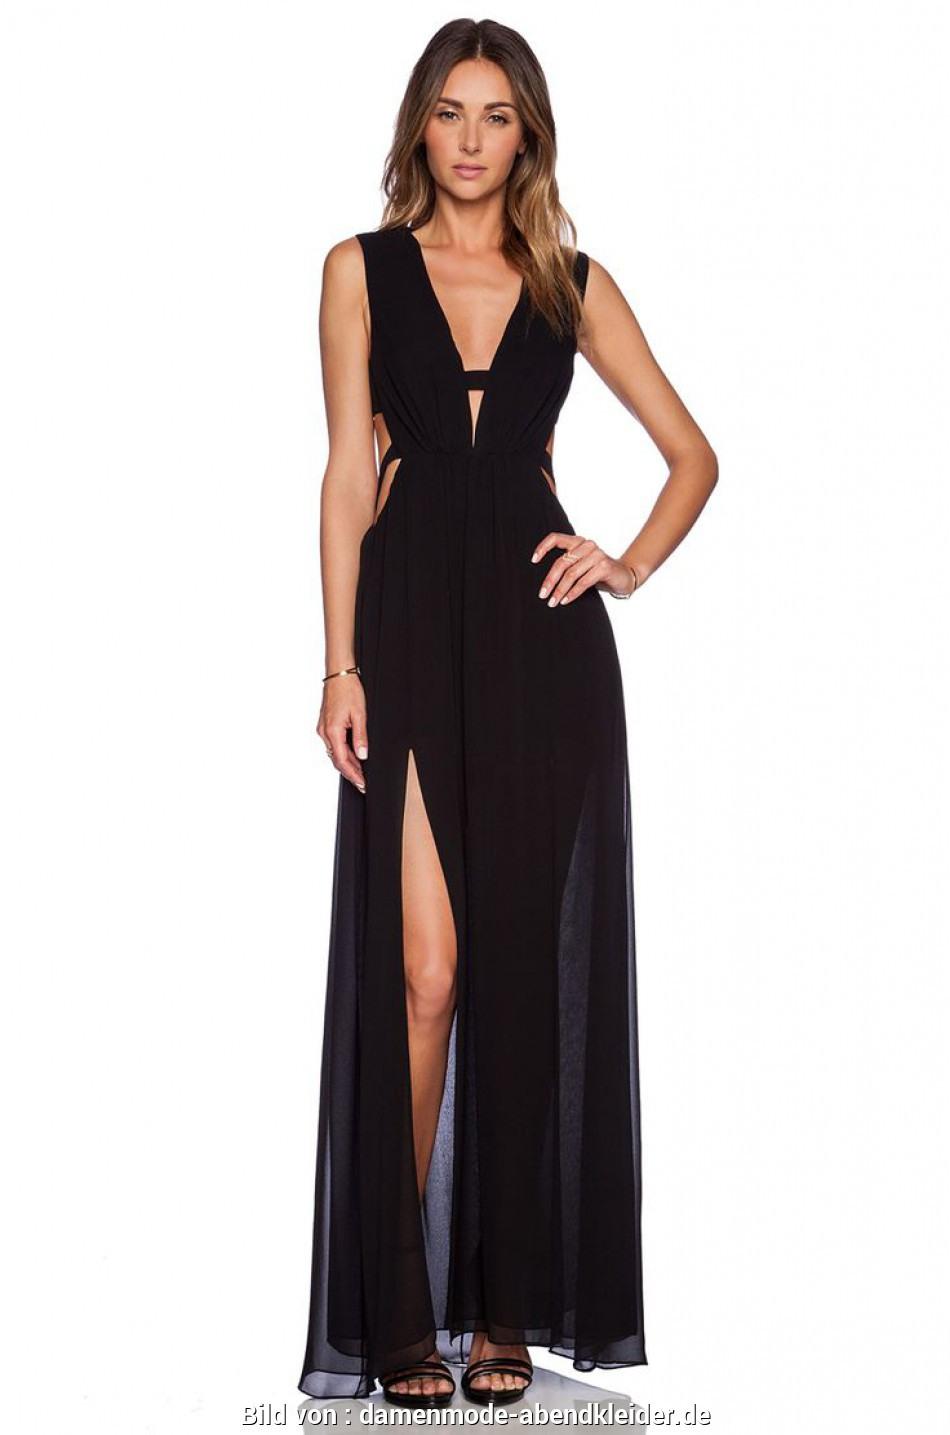 17 Wunderbar Abendkleider Für Kleine Frauen Stylish17 Einfach Abendkleider Für Kleine Frauen Boutique